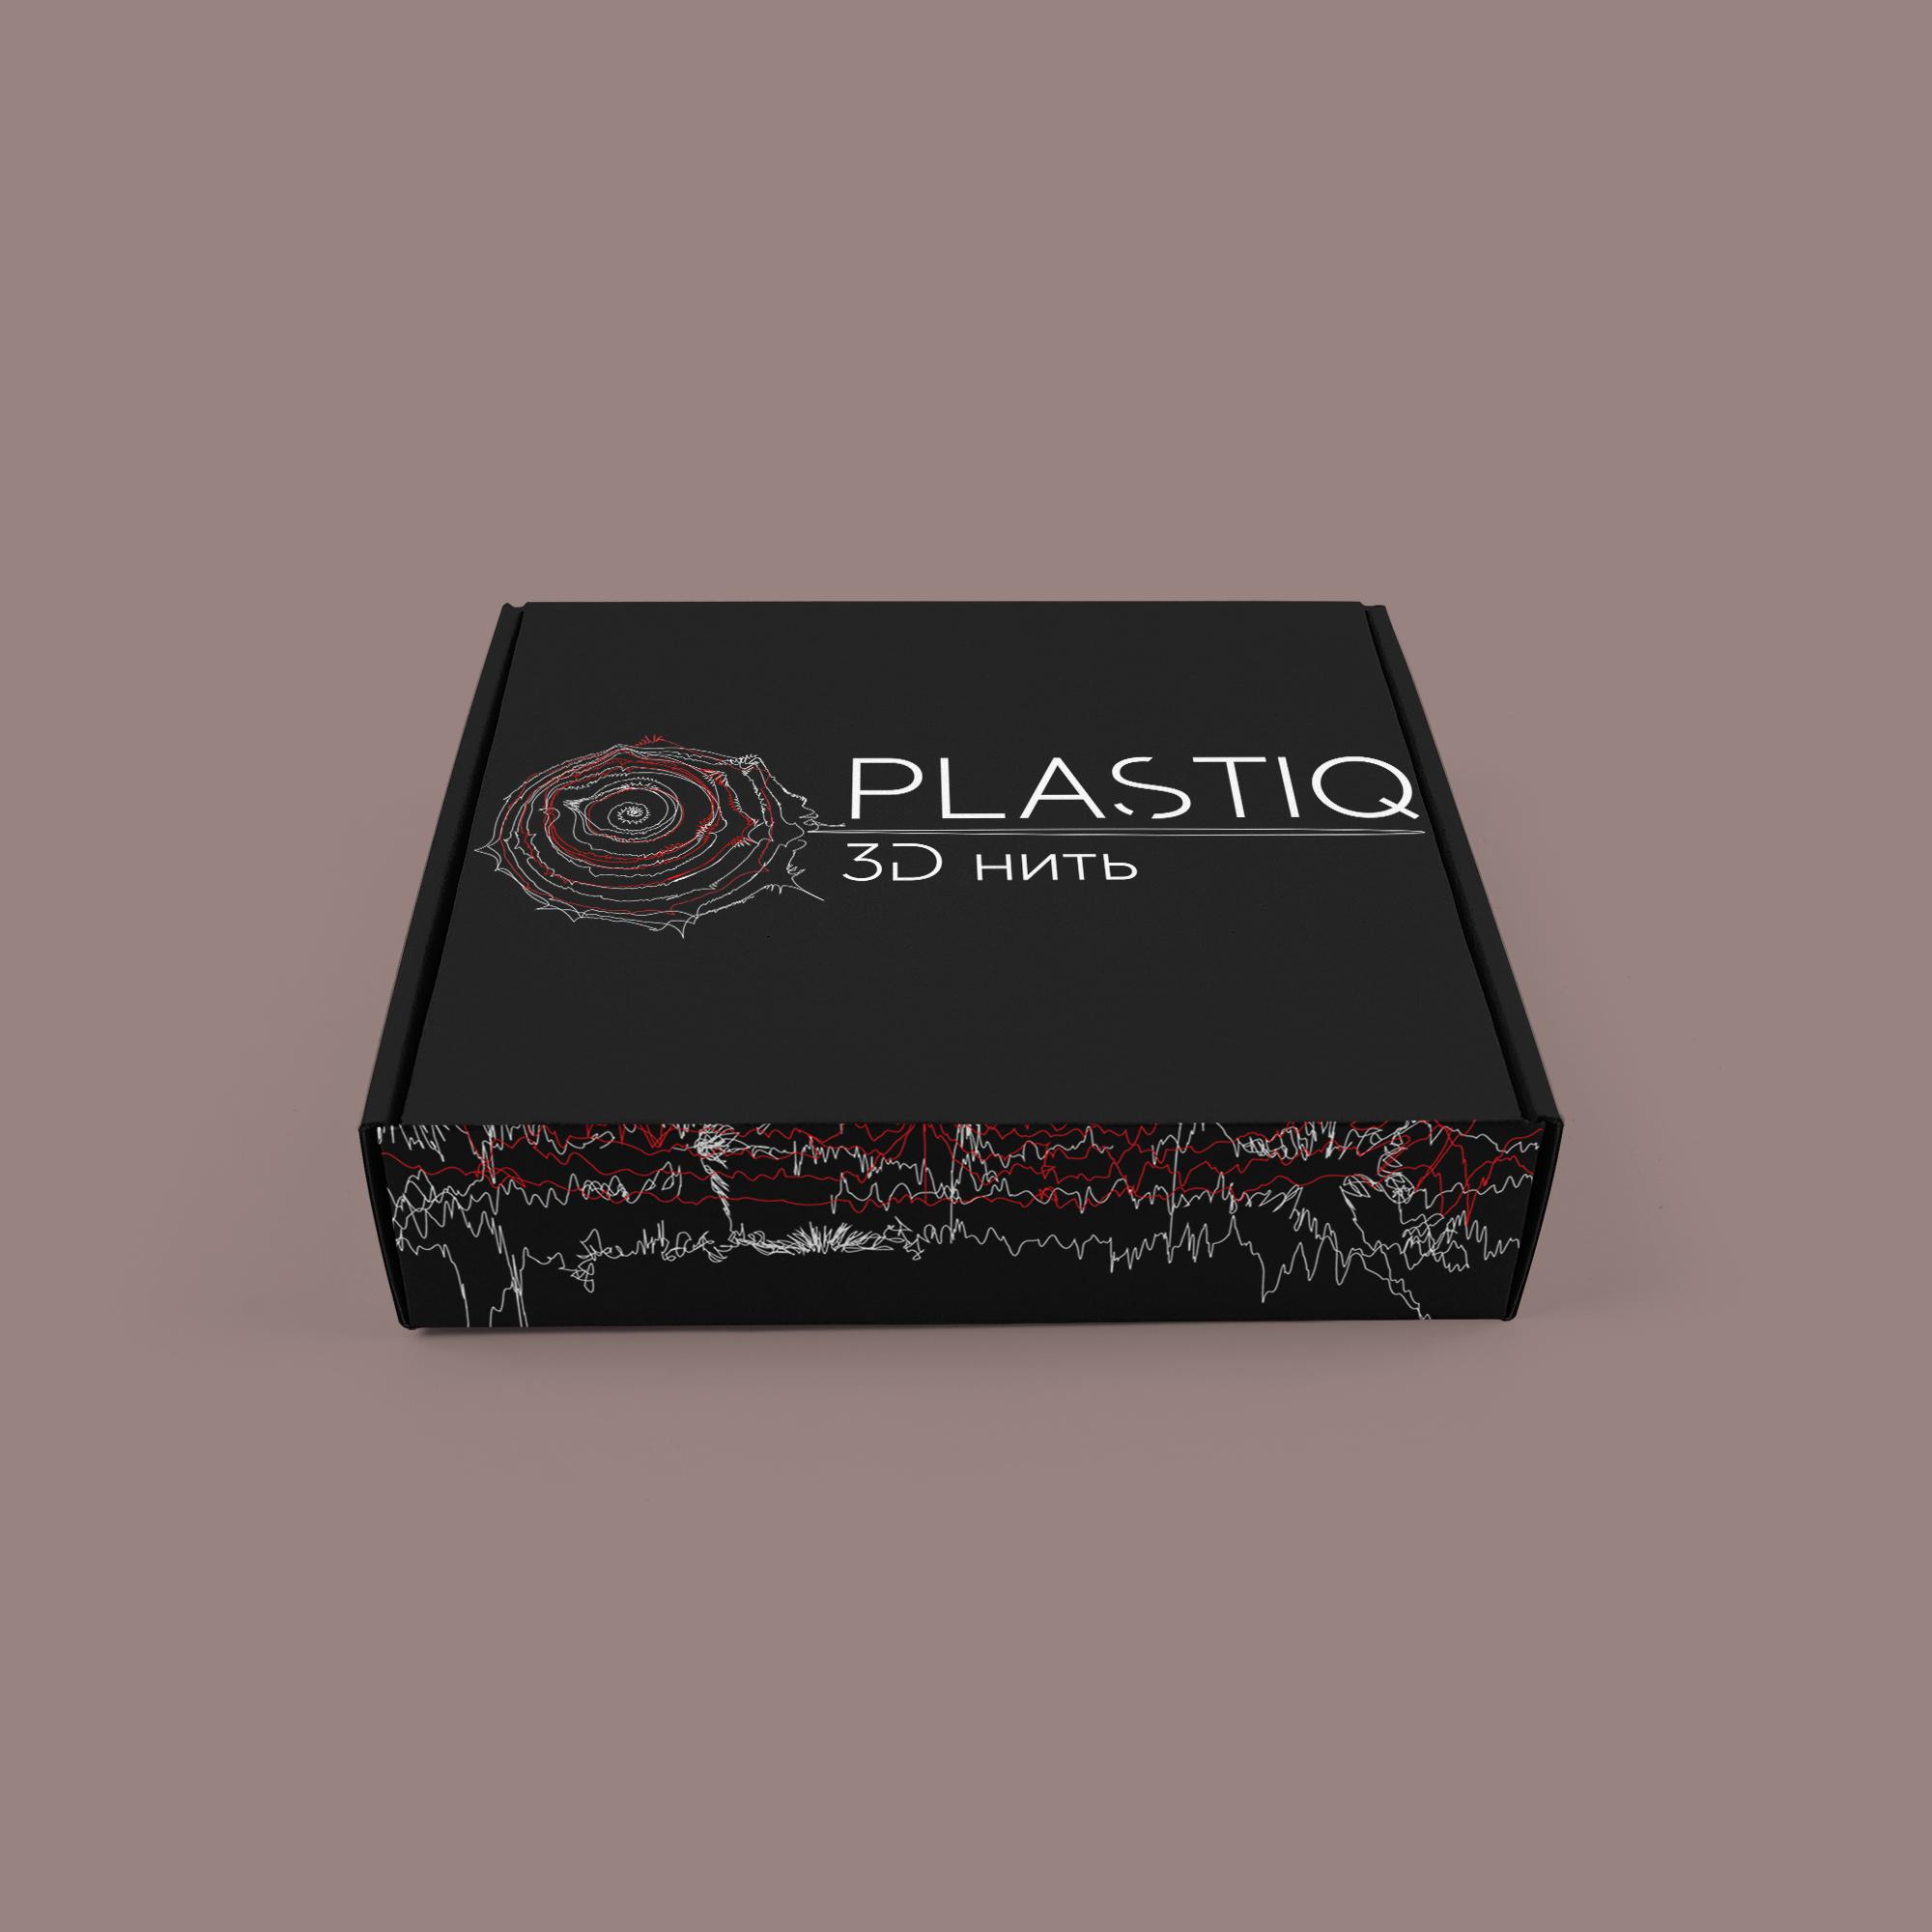 Разработка логотипа, упаковки - 3д нить фото f_1495b76b80d0a1d7.png